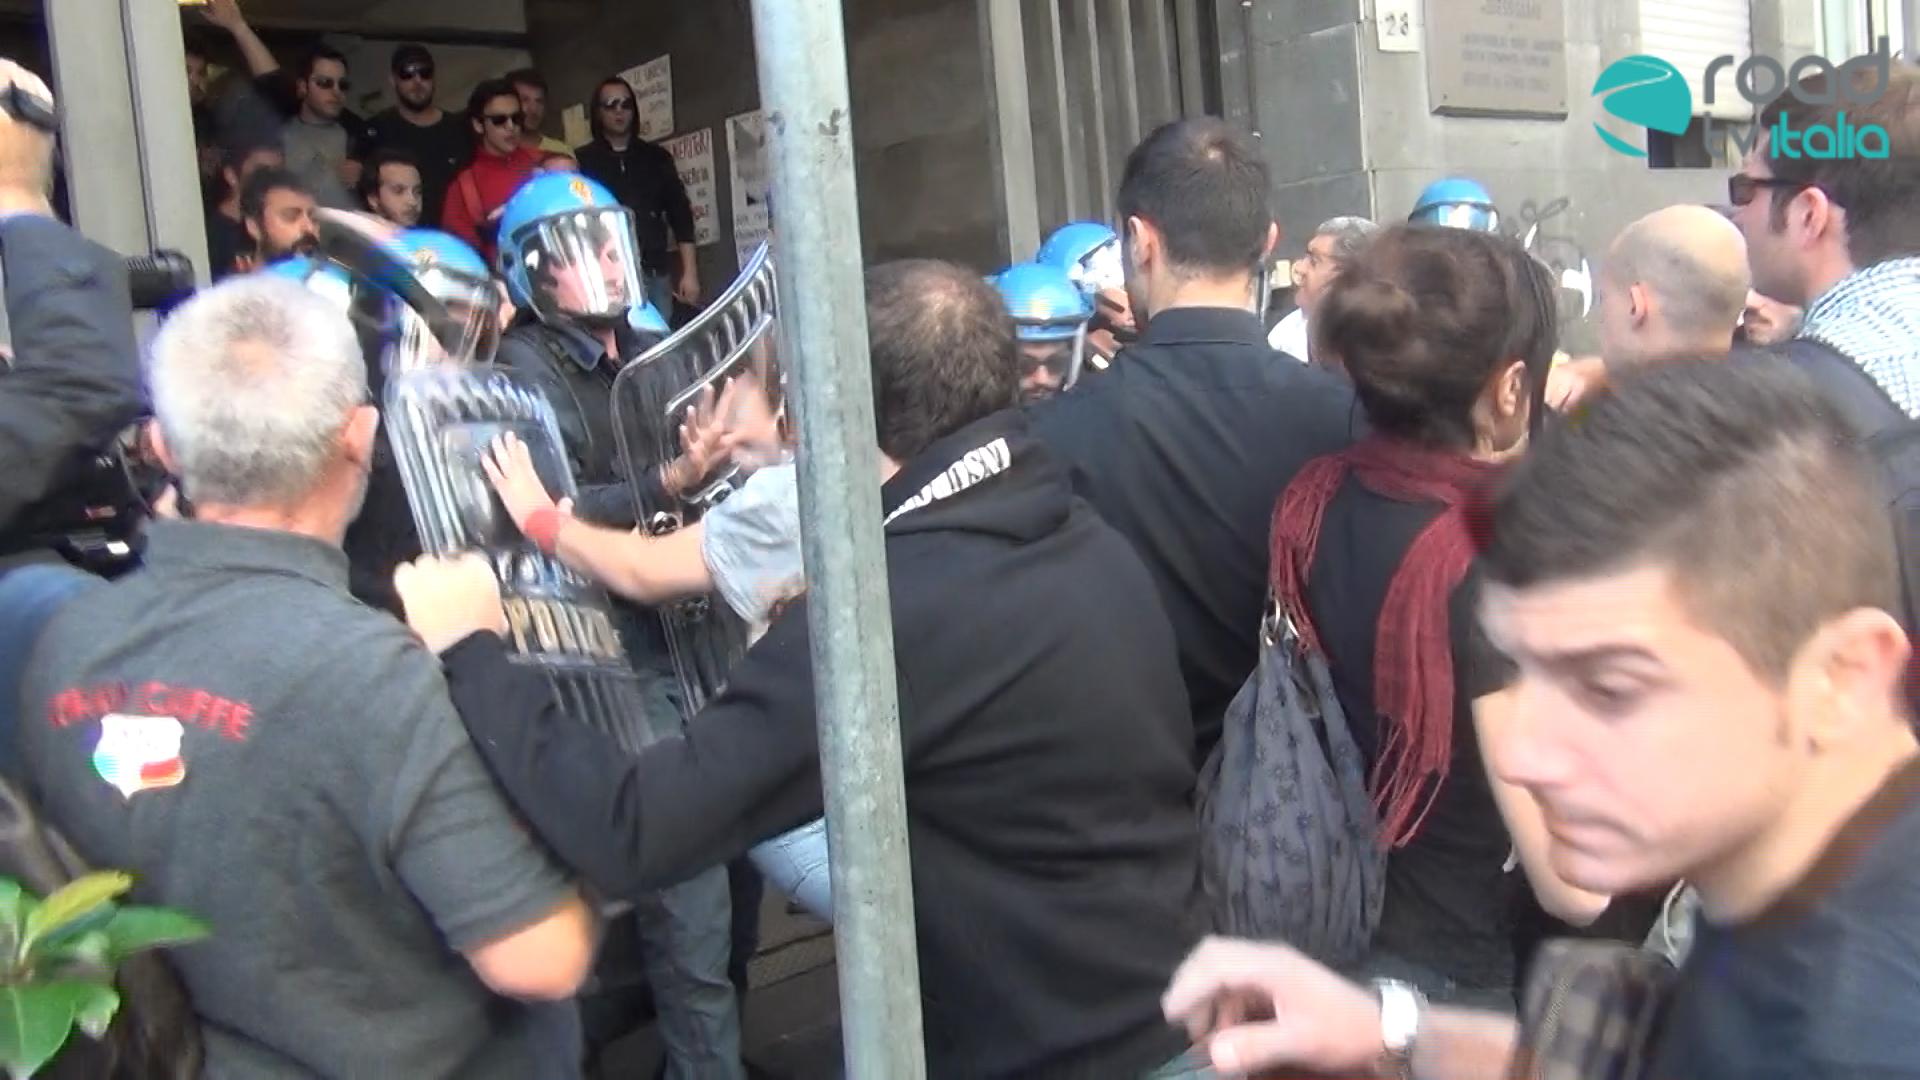 Incidenti dopo il corteo di protesta contro l'uccisione di Davide (FOTO)